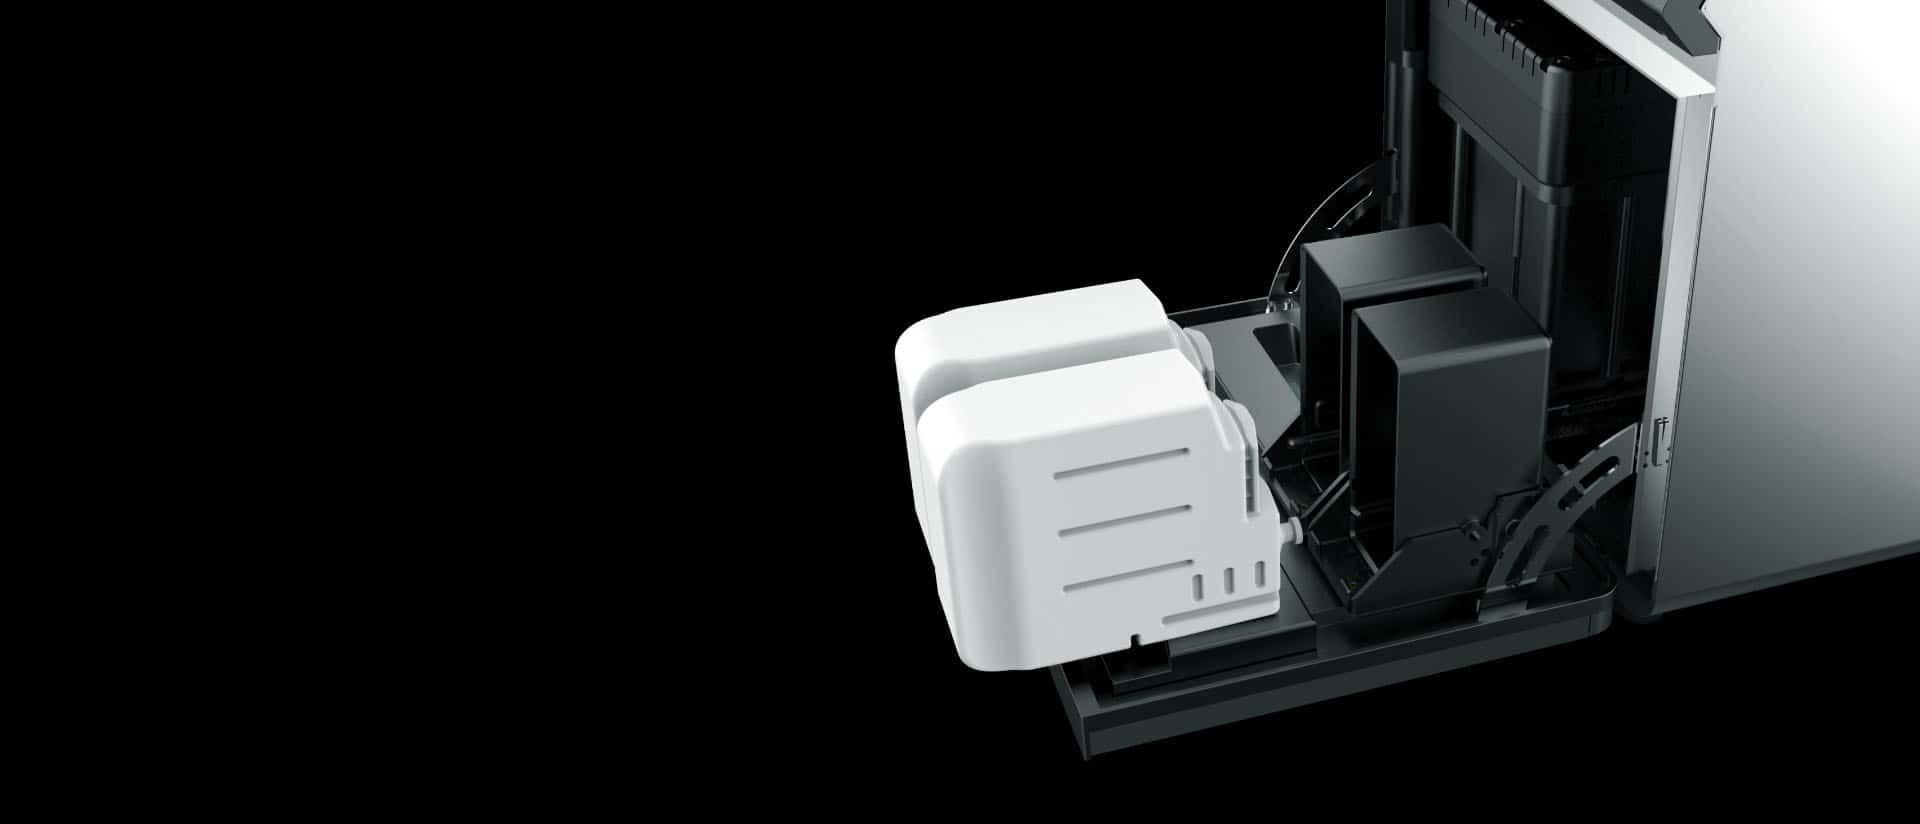 Краплеструменевий маркувальник Fastjet F560 Fastjet F540 картриджна система